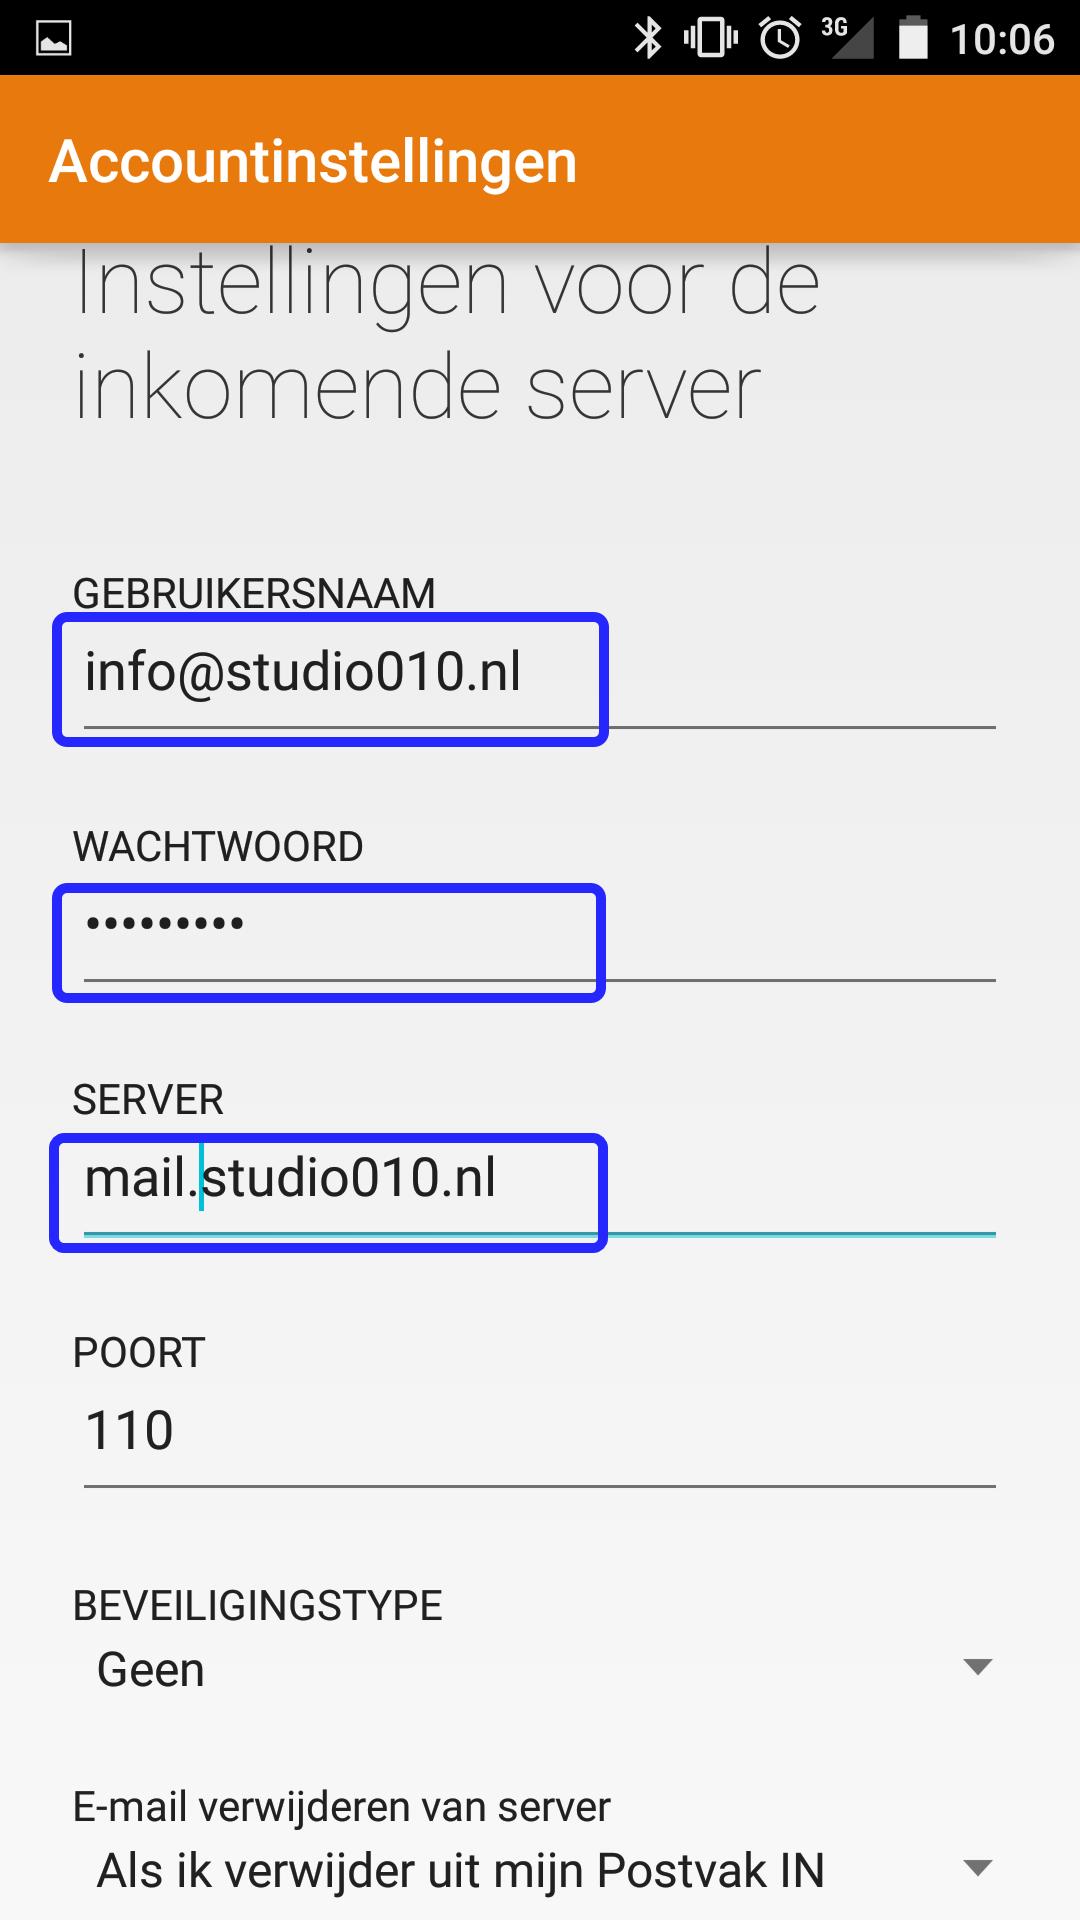 Voer uw emailadres in als gebruikersnaam, uw wachtwoord en de volledige inkomende mailserver (email.studio010.nl)